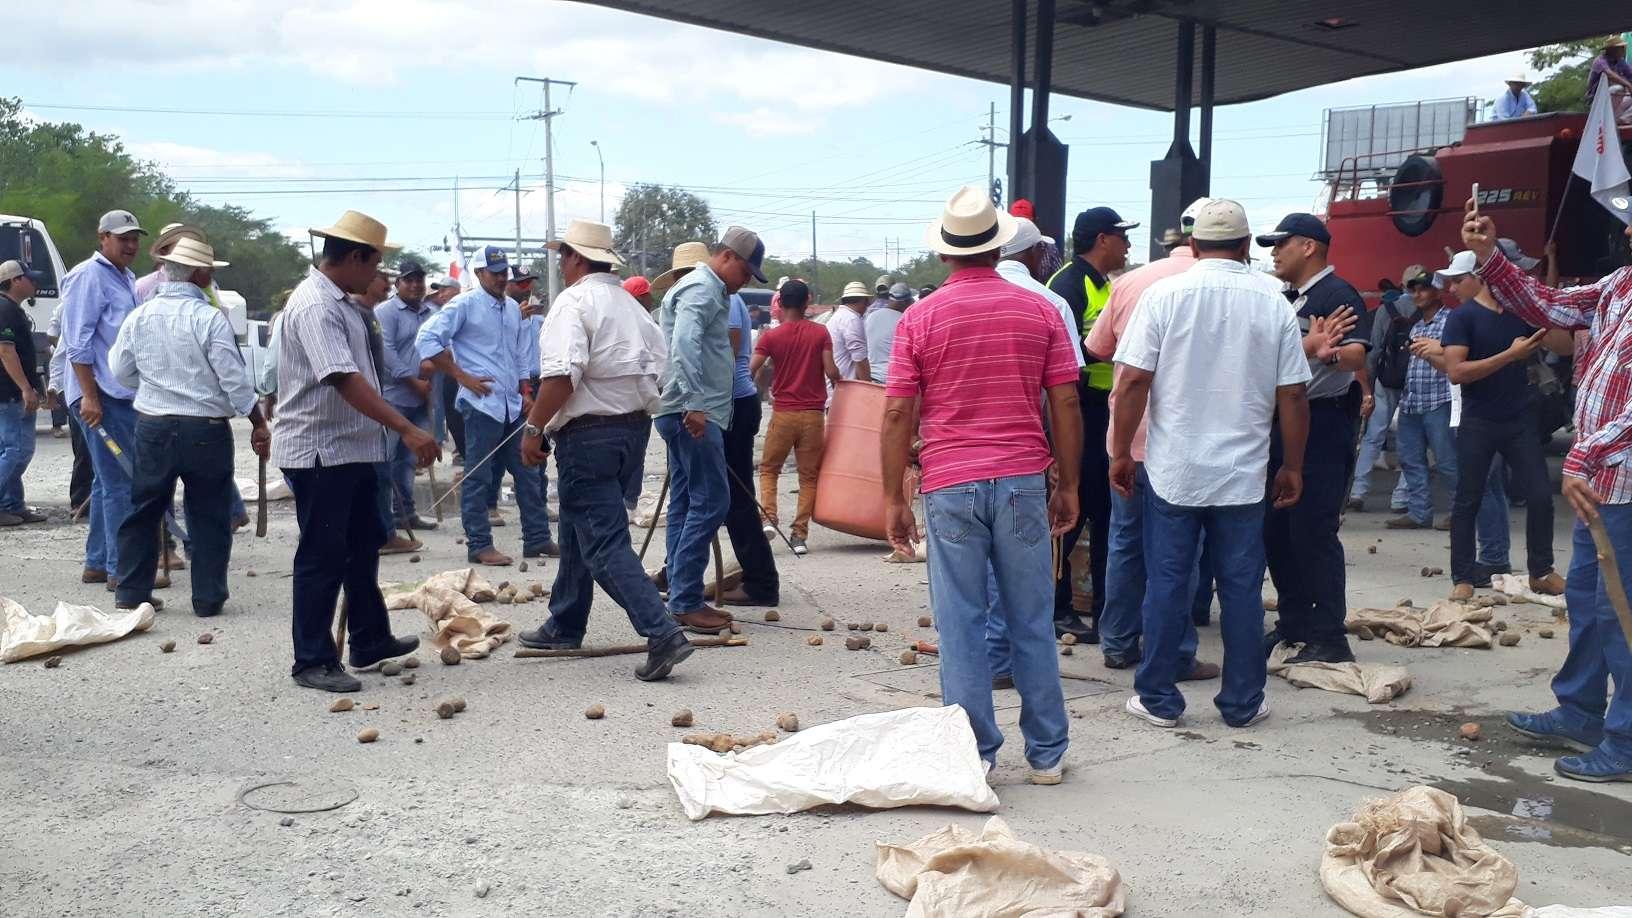 Según los dirigentes del sector agropecuario, el gobierno del presidente Juan Carlos Varela no ha cumplido con los acuerdos pactados. Foto: Thays Domínguez